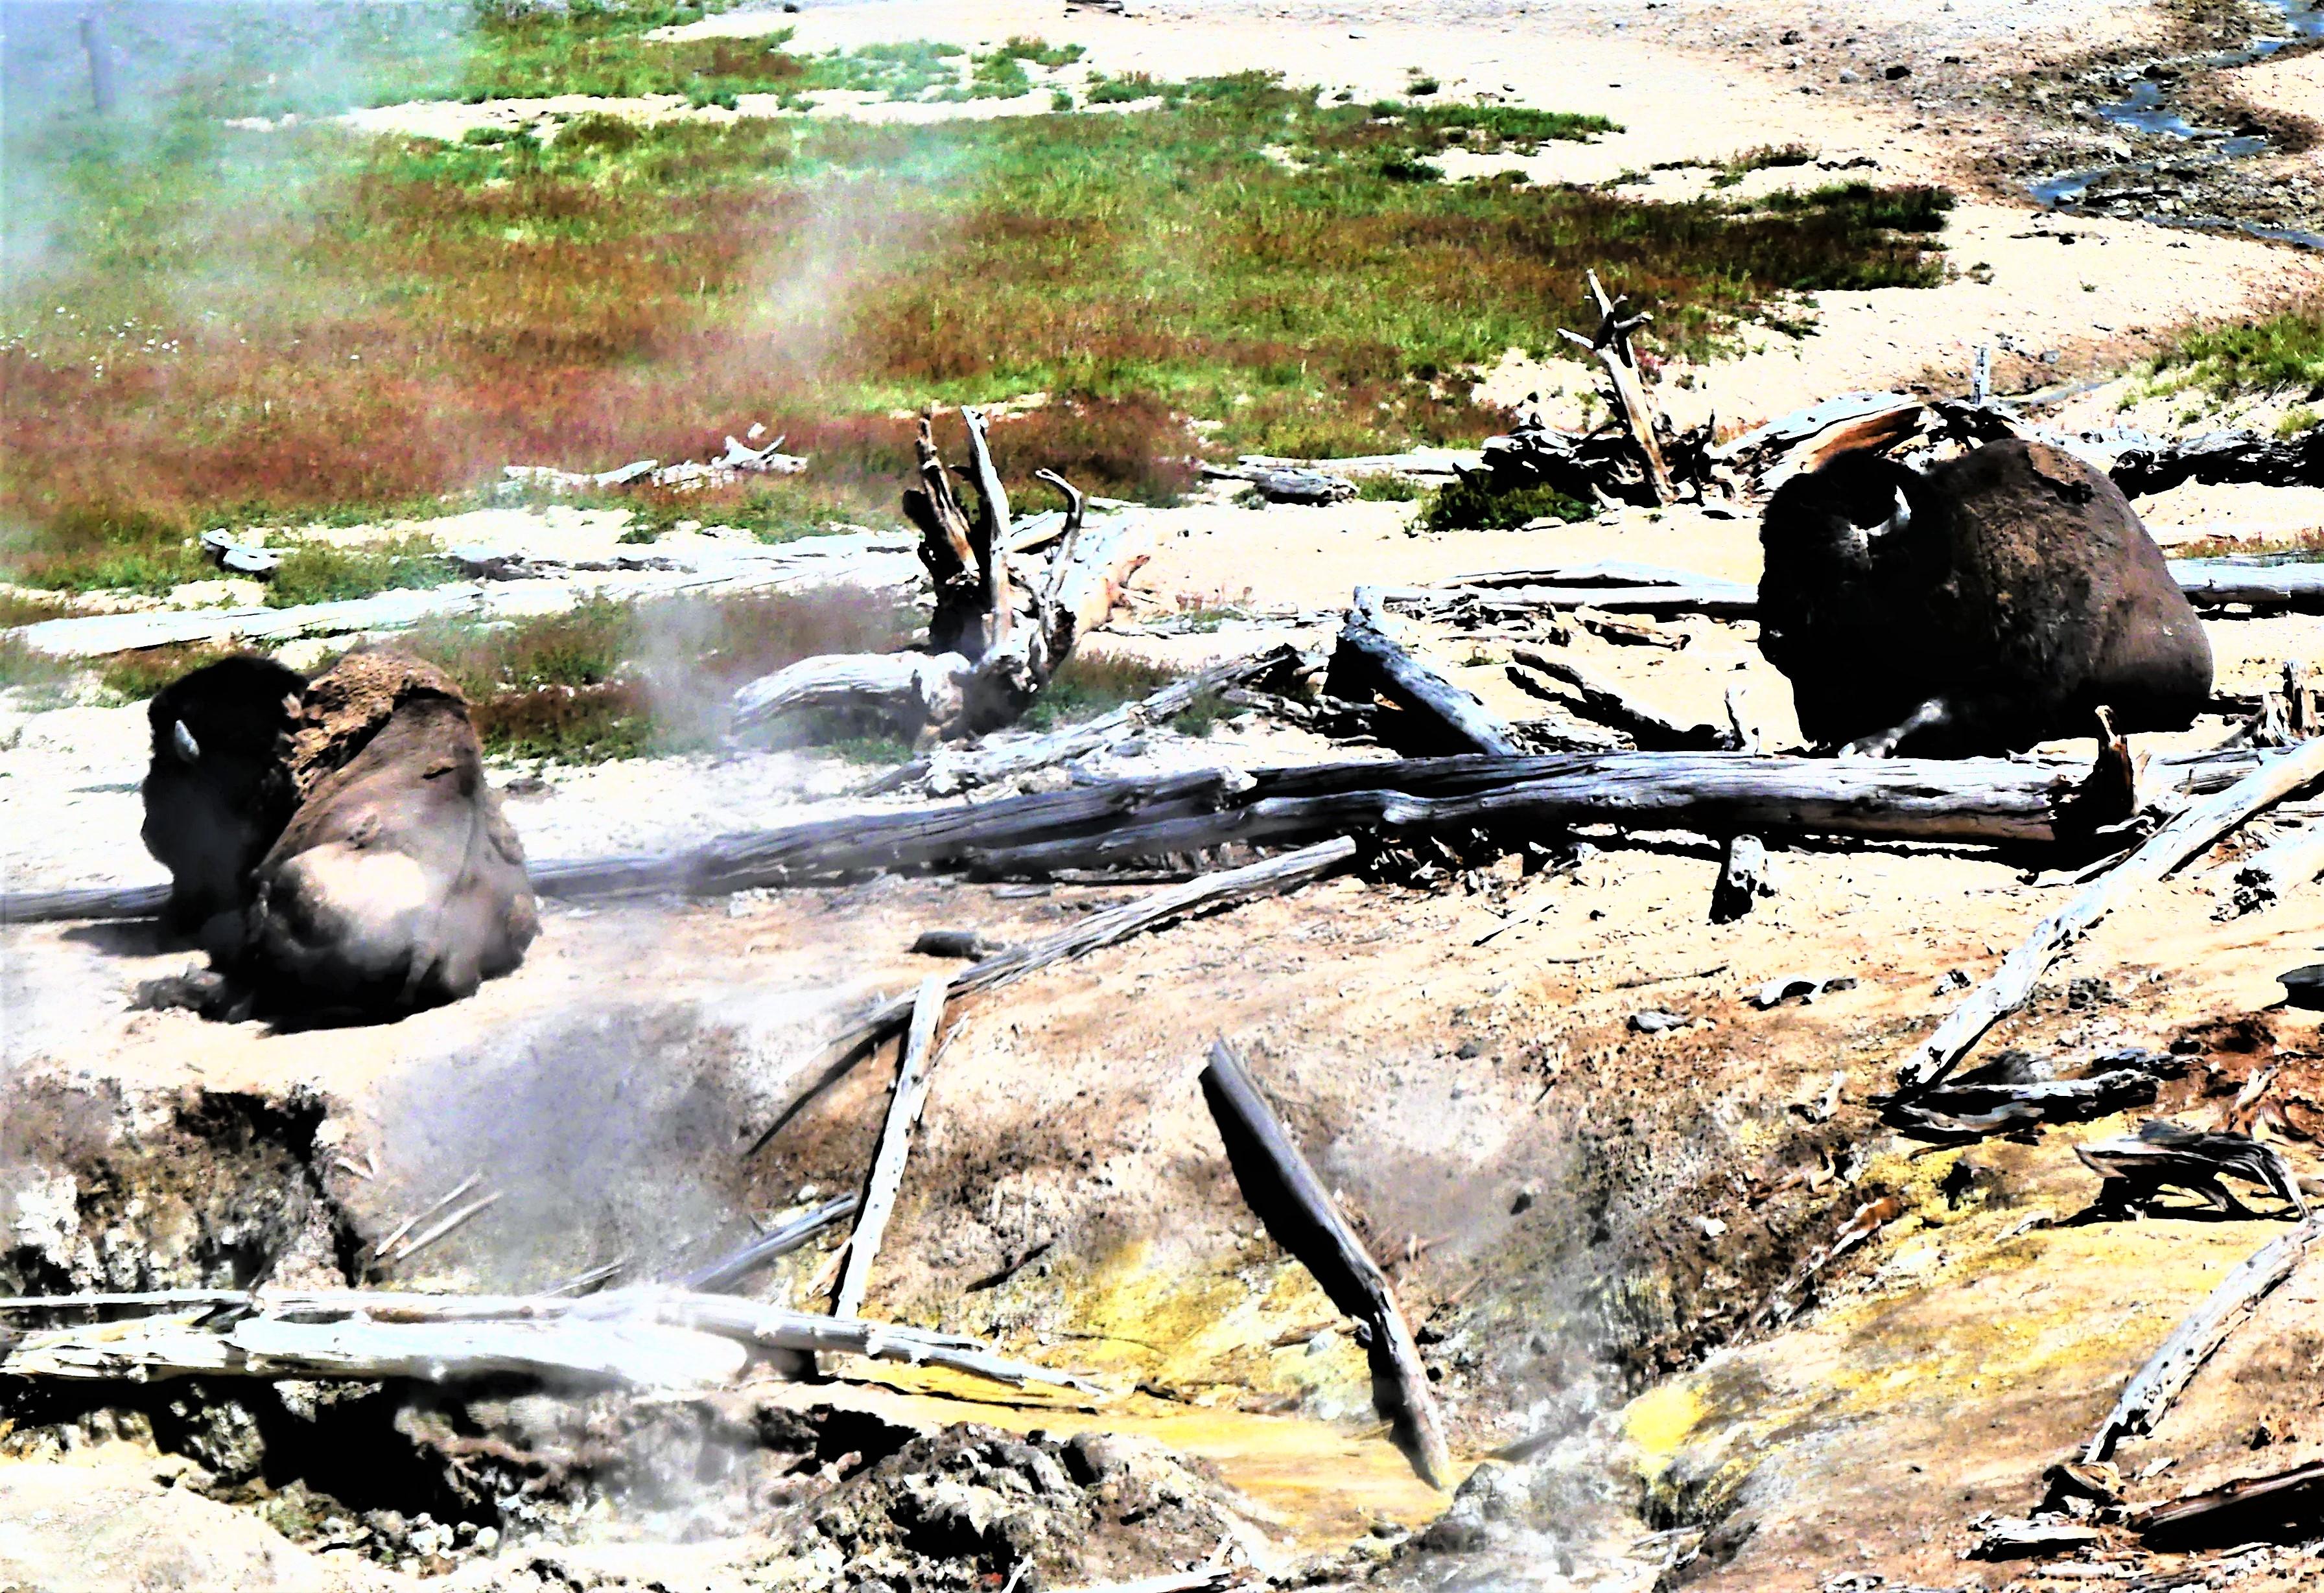 buffalo mudders